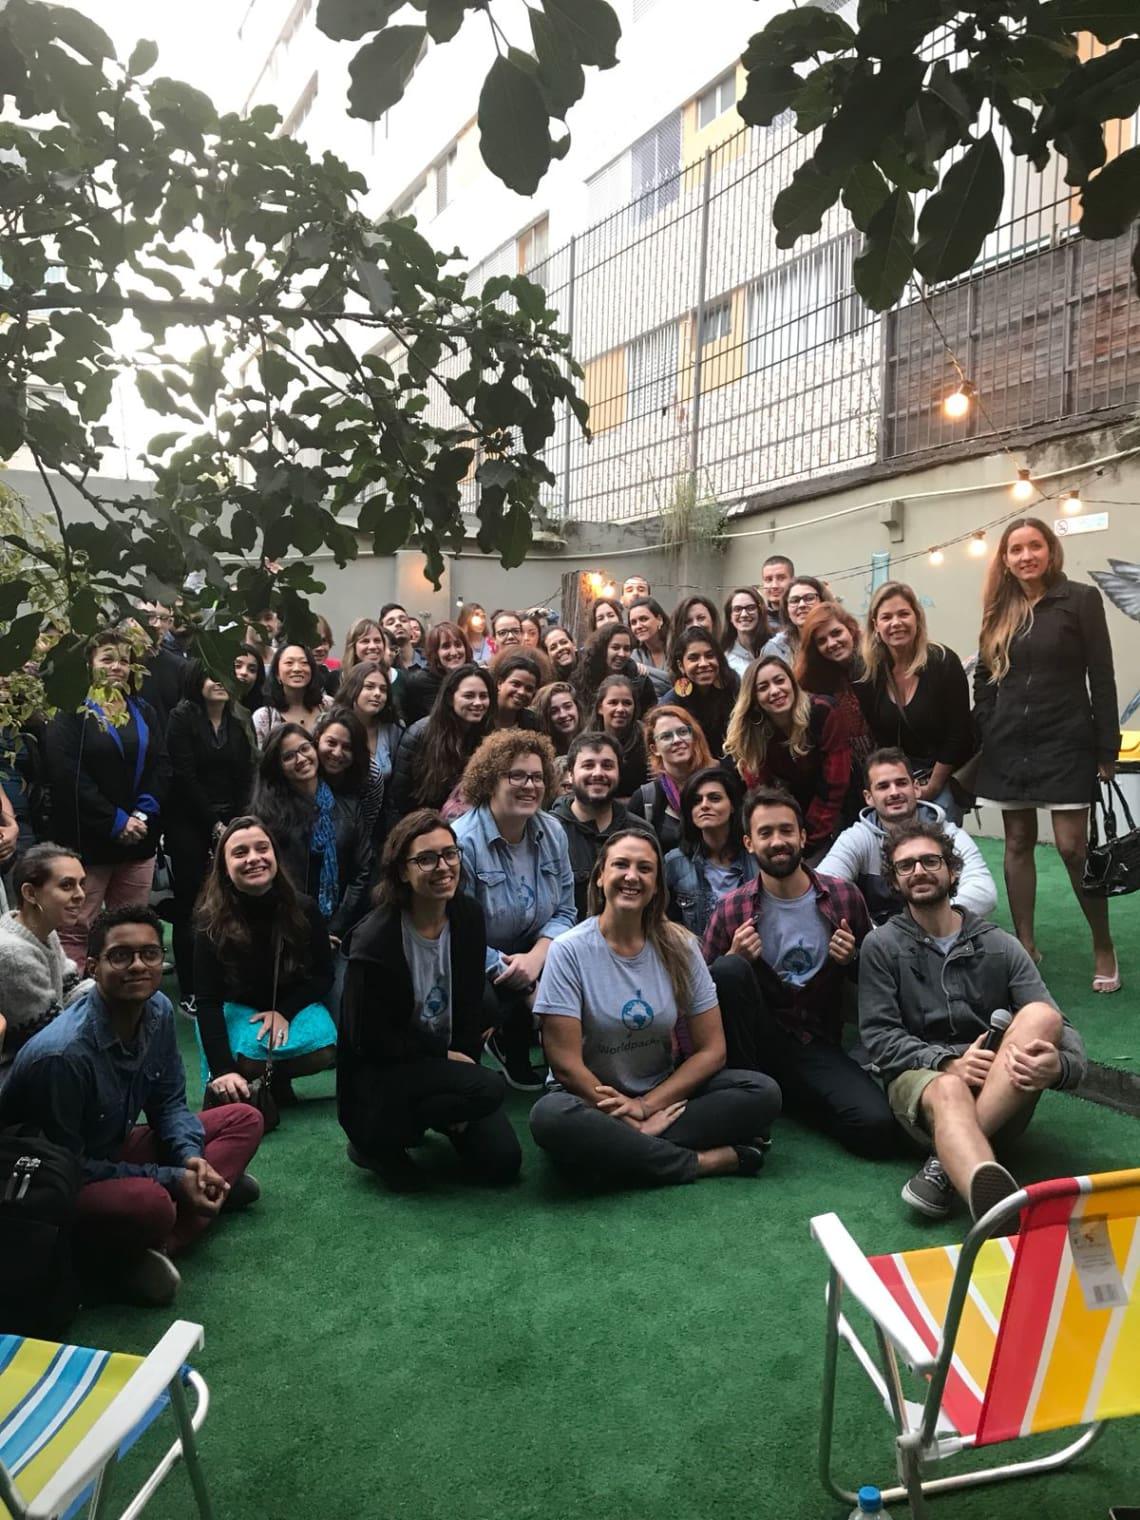 Encontro de viajantes promovido pela Worldpackers em São Paulo